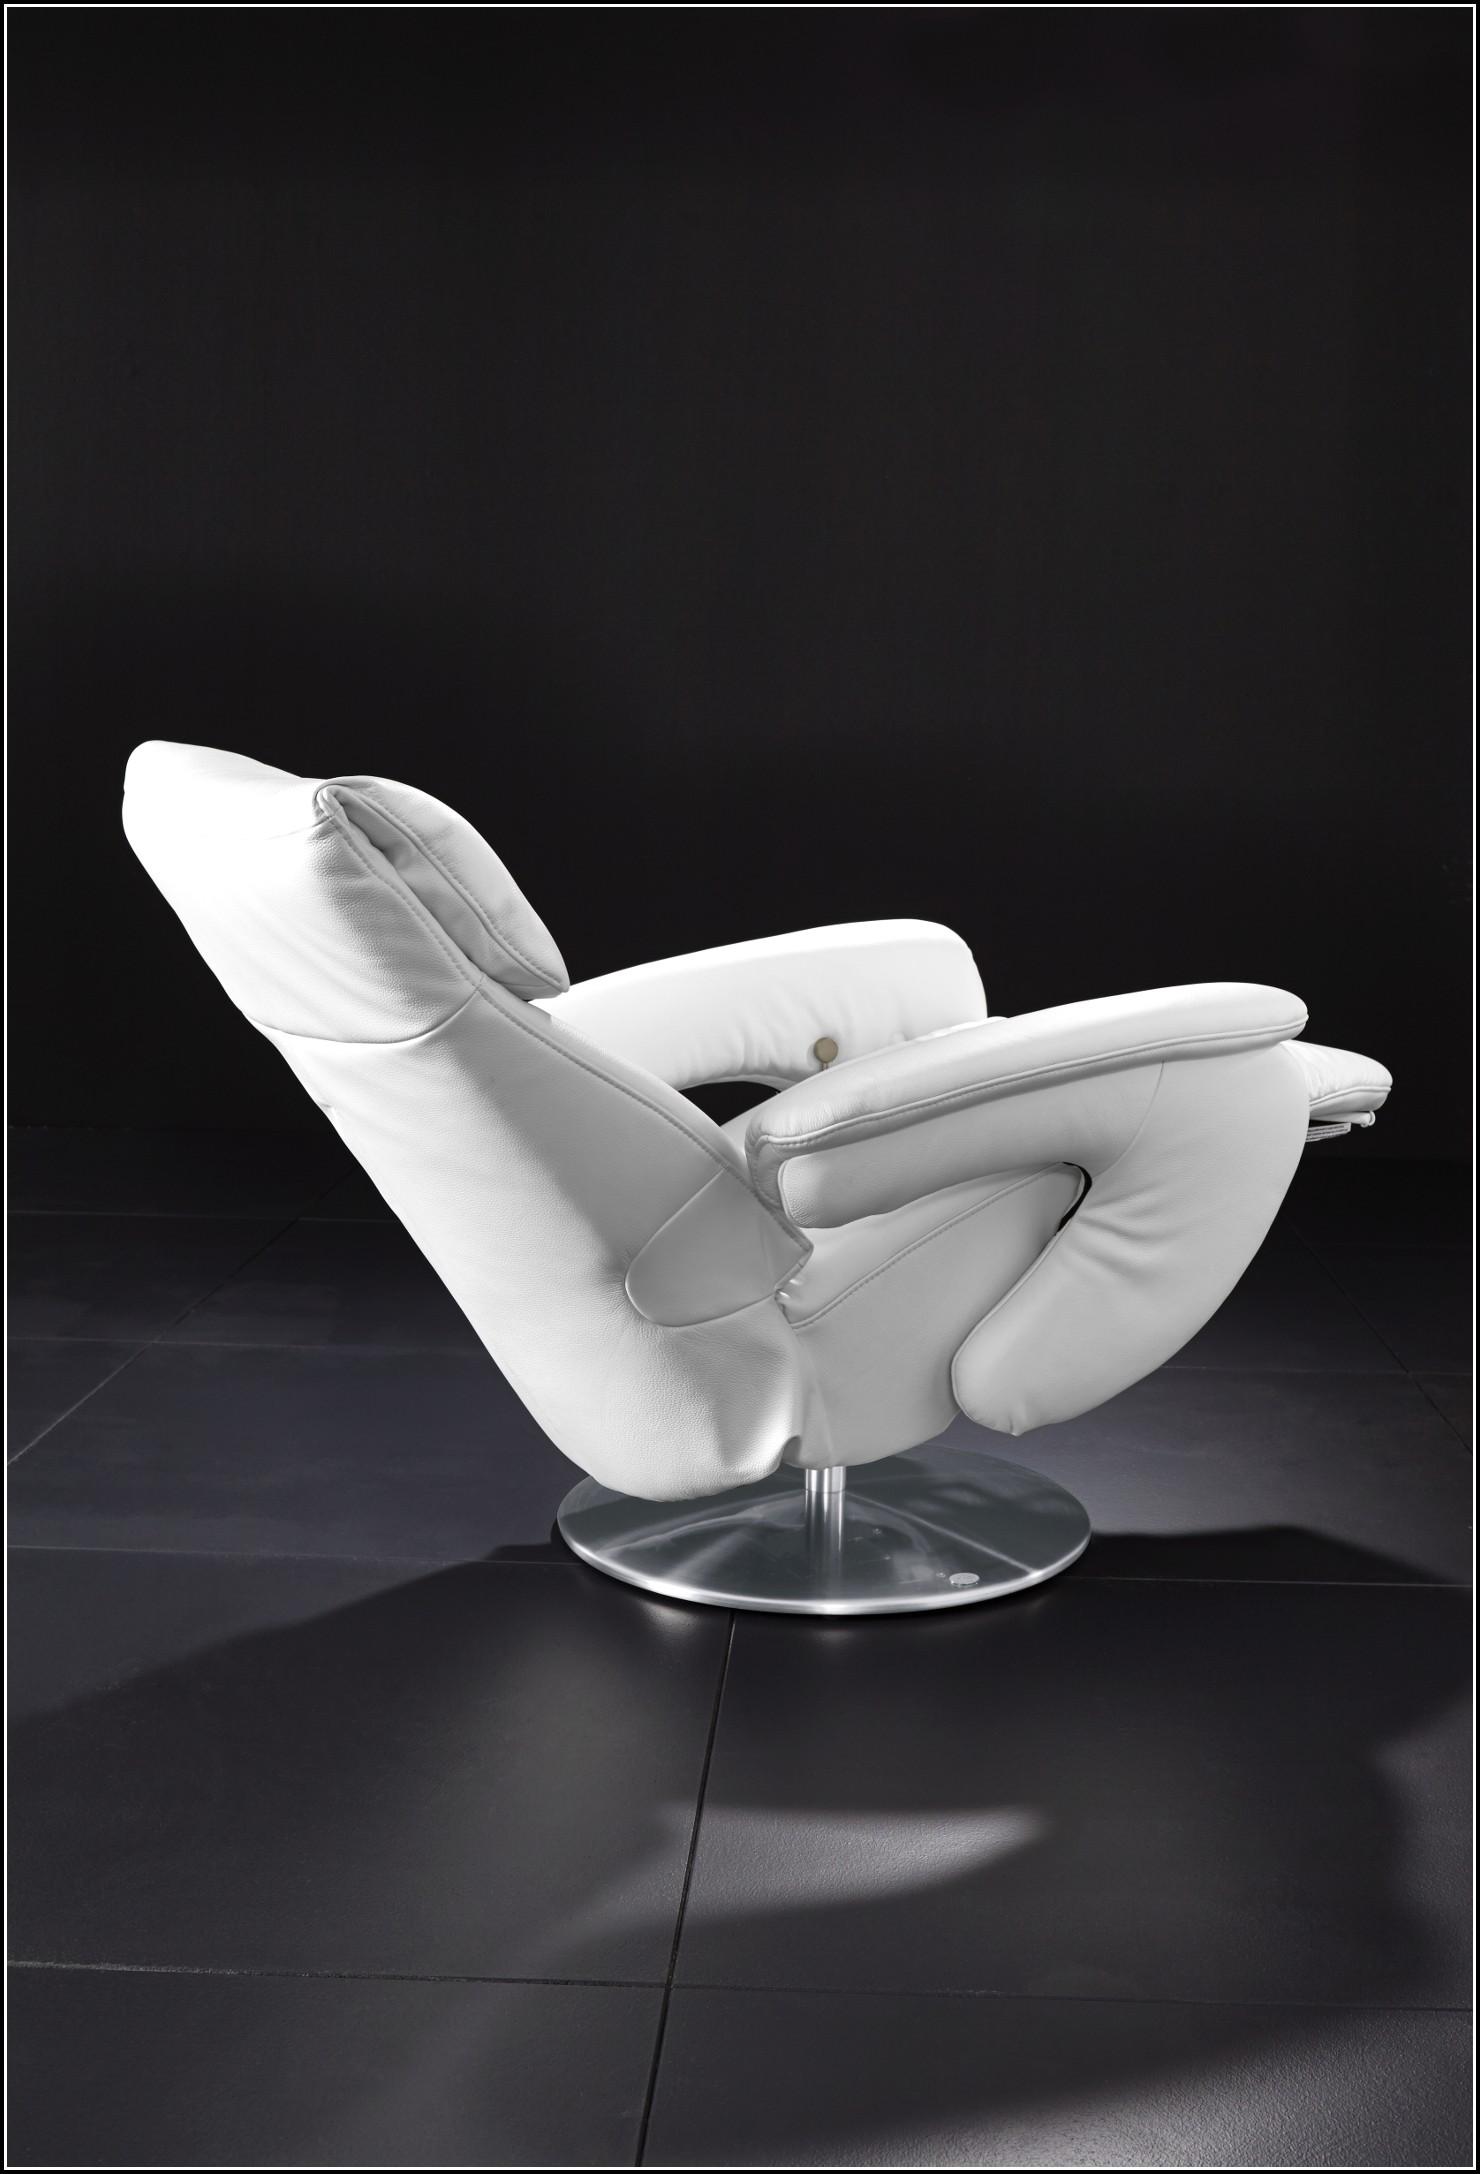 designer sessel leder weiss sessel house und dekor galerie x3ryxlk1bp. Black Bedroom Furniture Sets. Home Design Ideas